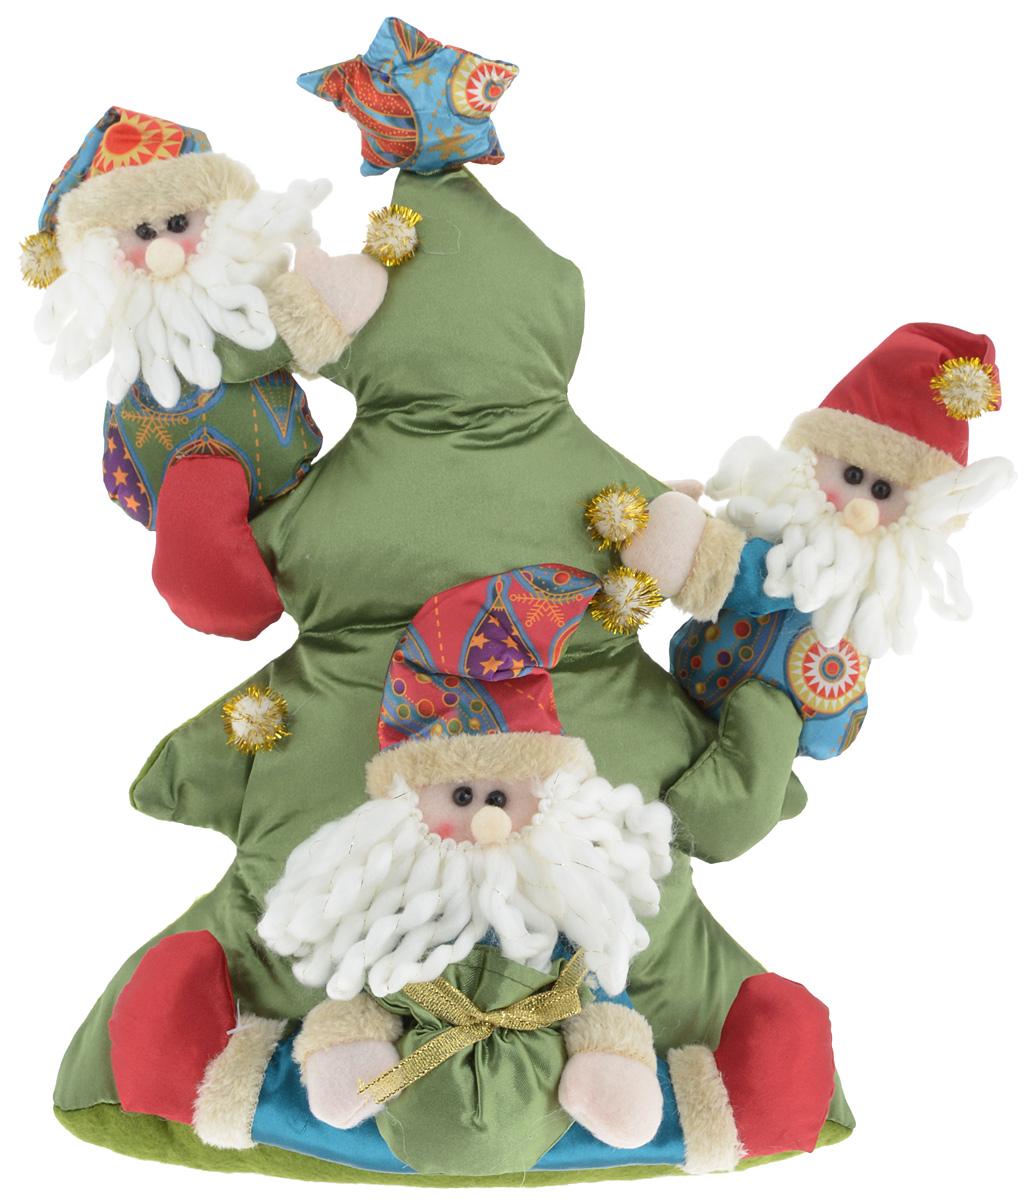 Украшение новогоднее декоративное Win Max Веселый праздник. Дед Мороз, высота 34 см175839_Дед МорозУкрашение новогоднее декоративное Win Max Веселый праздник. Дед Мороз прекрасно подойдет для праздничного декора вашего дома. Изделие выполнено из текстиля с наполнителем из синтепона в виде трех Дедов Морозов, которые карабкаются на елку. Для утяжеления и повышения устойчивости игрушки служит гранулят из полимера. Новогодние украшения несут в себе волшебство и красоту праздника. Они помогут вам украсить дом к предстоящим праздникам и оживить интерьер. Создайте в доме атмосферу тепла, веселья и радости, украшая его всей семьей.Кроме того, такая игрушка станет приятным подарком, который надолго сохранит память этого волшебного времени года.